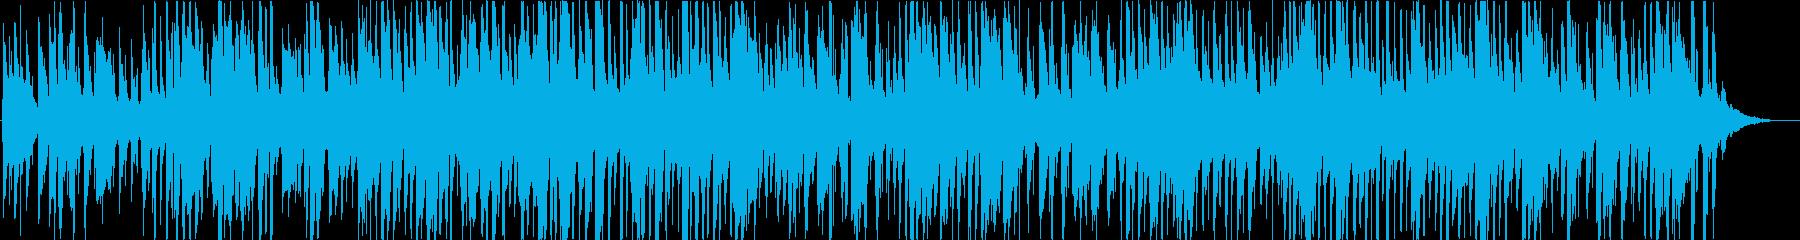 店舗に最適なジャズの再生済みの波形